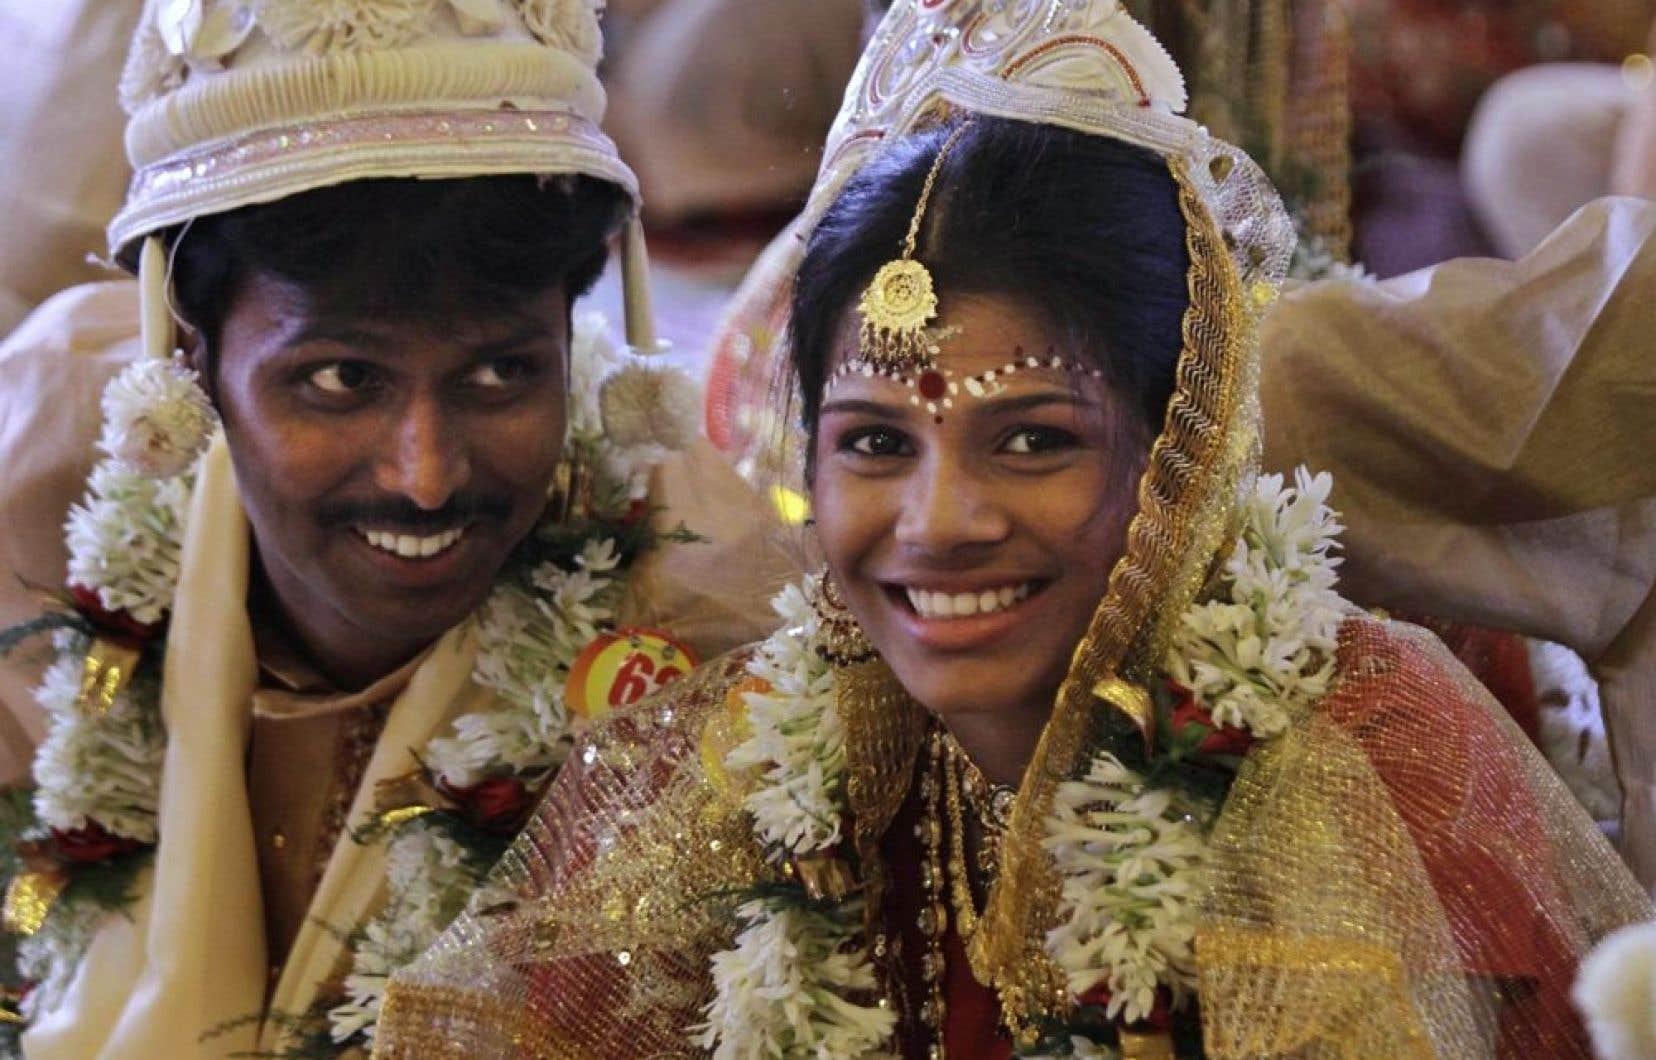 Un couple de nouveaux mariés qui ont profité d'un mariage de masse pour s'unir, en juillet 2012. Ces mariages permettent aux familles moins bien nanties d'éviter la dot.